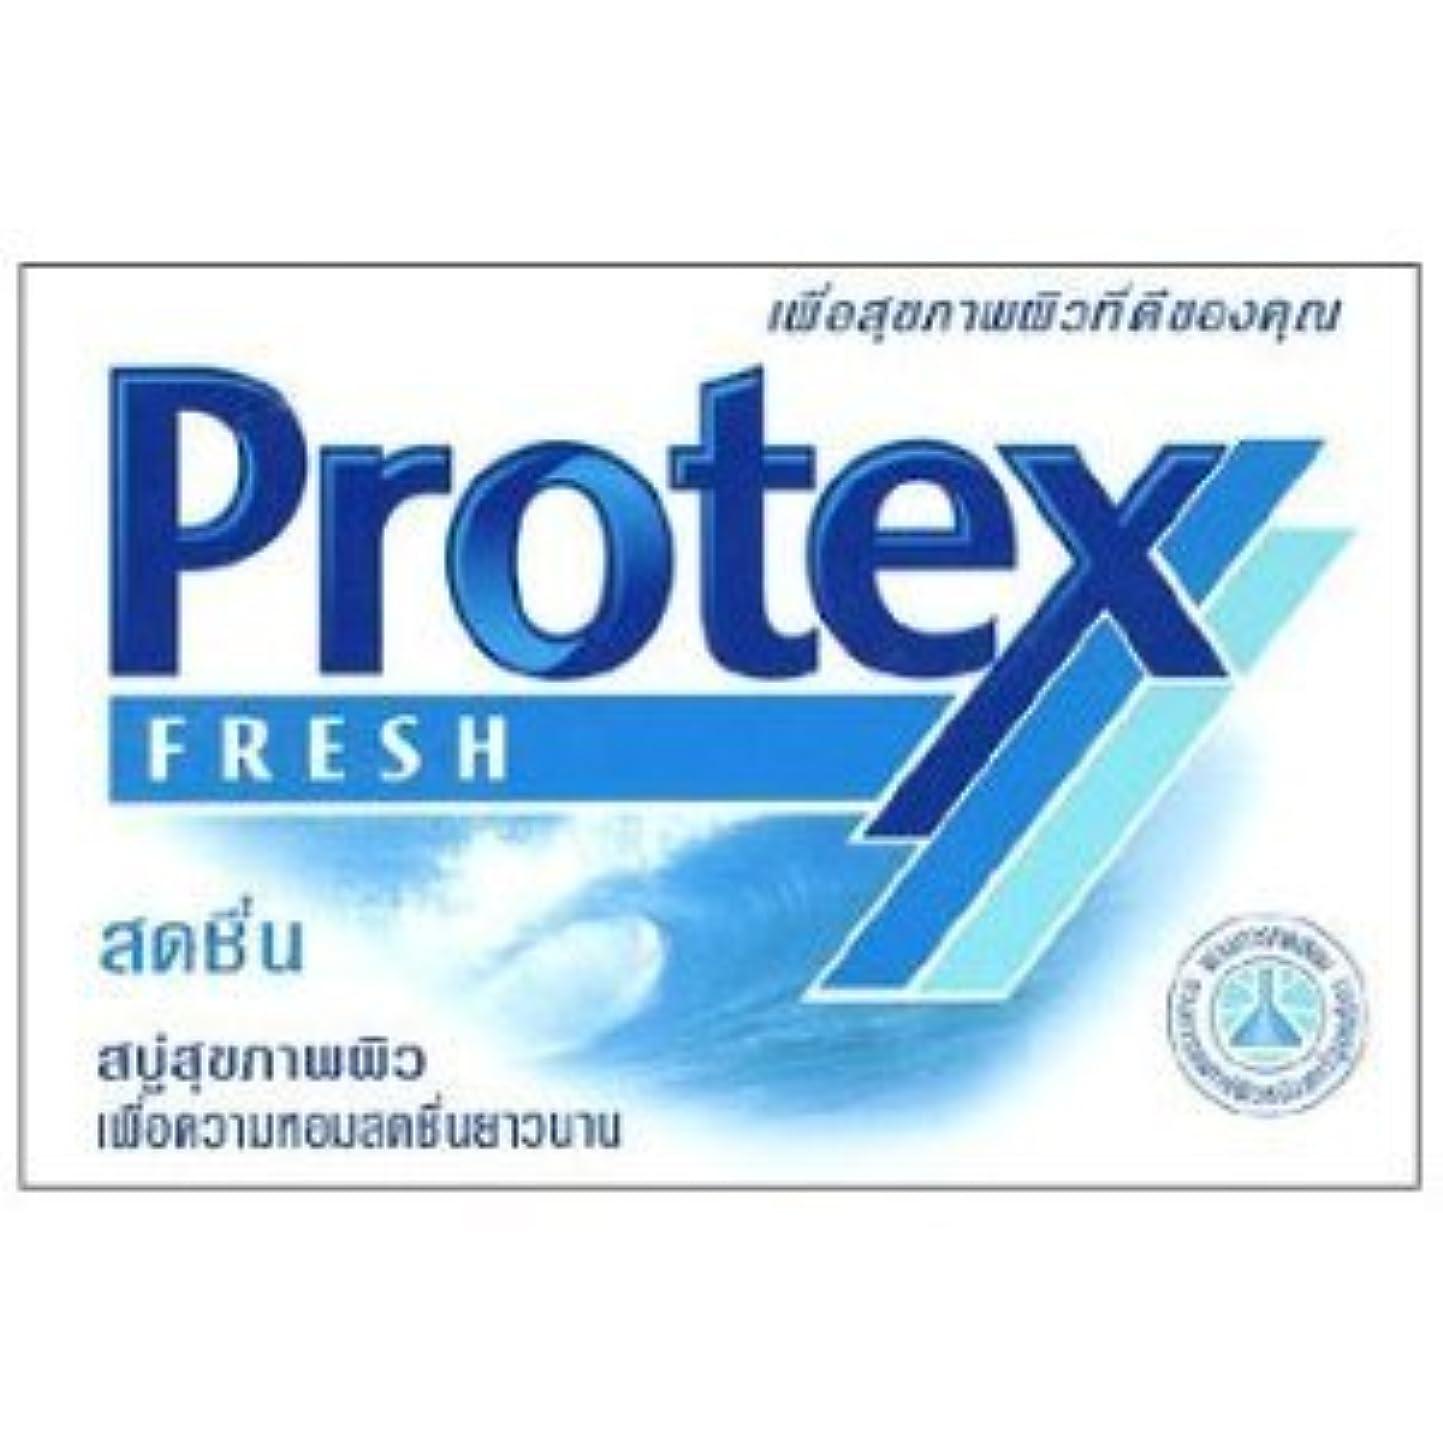 プロテックス バーソープ フレッシュ 70g